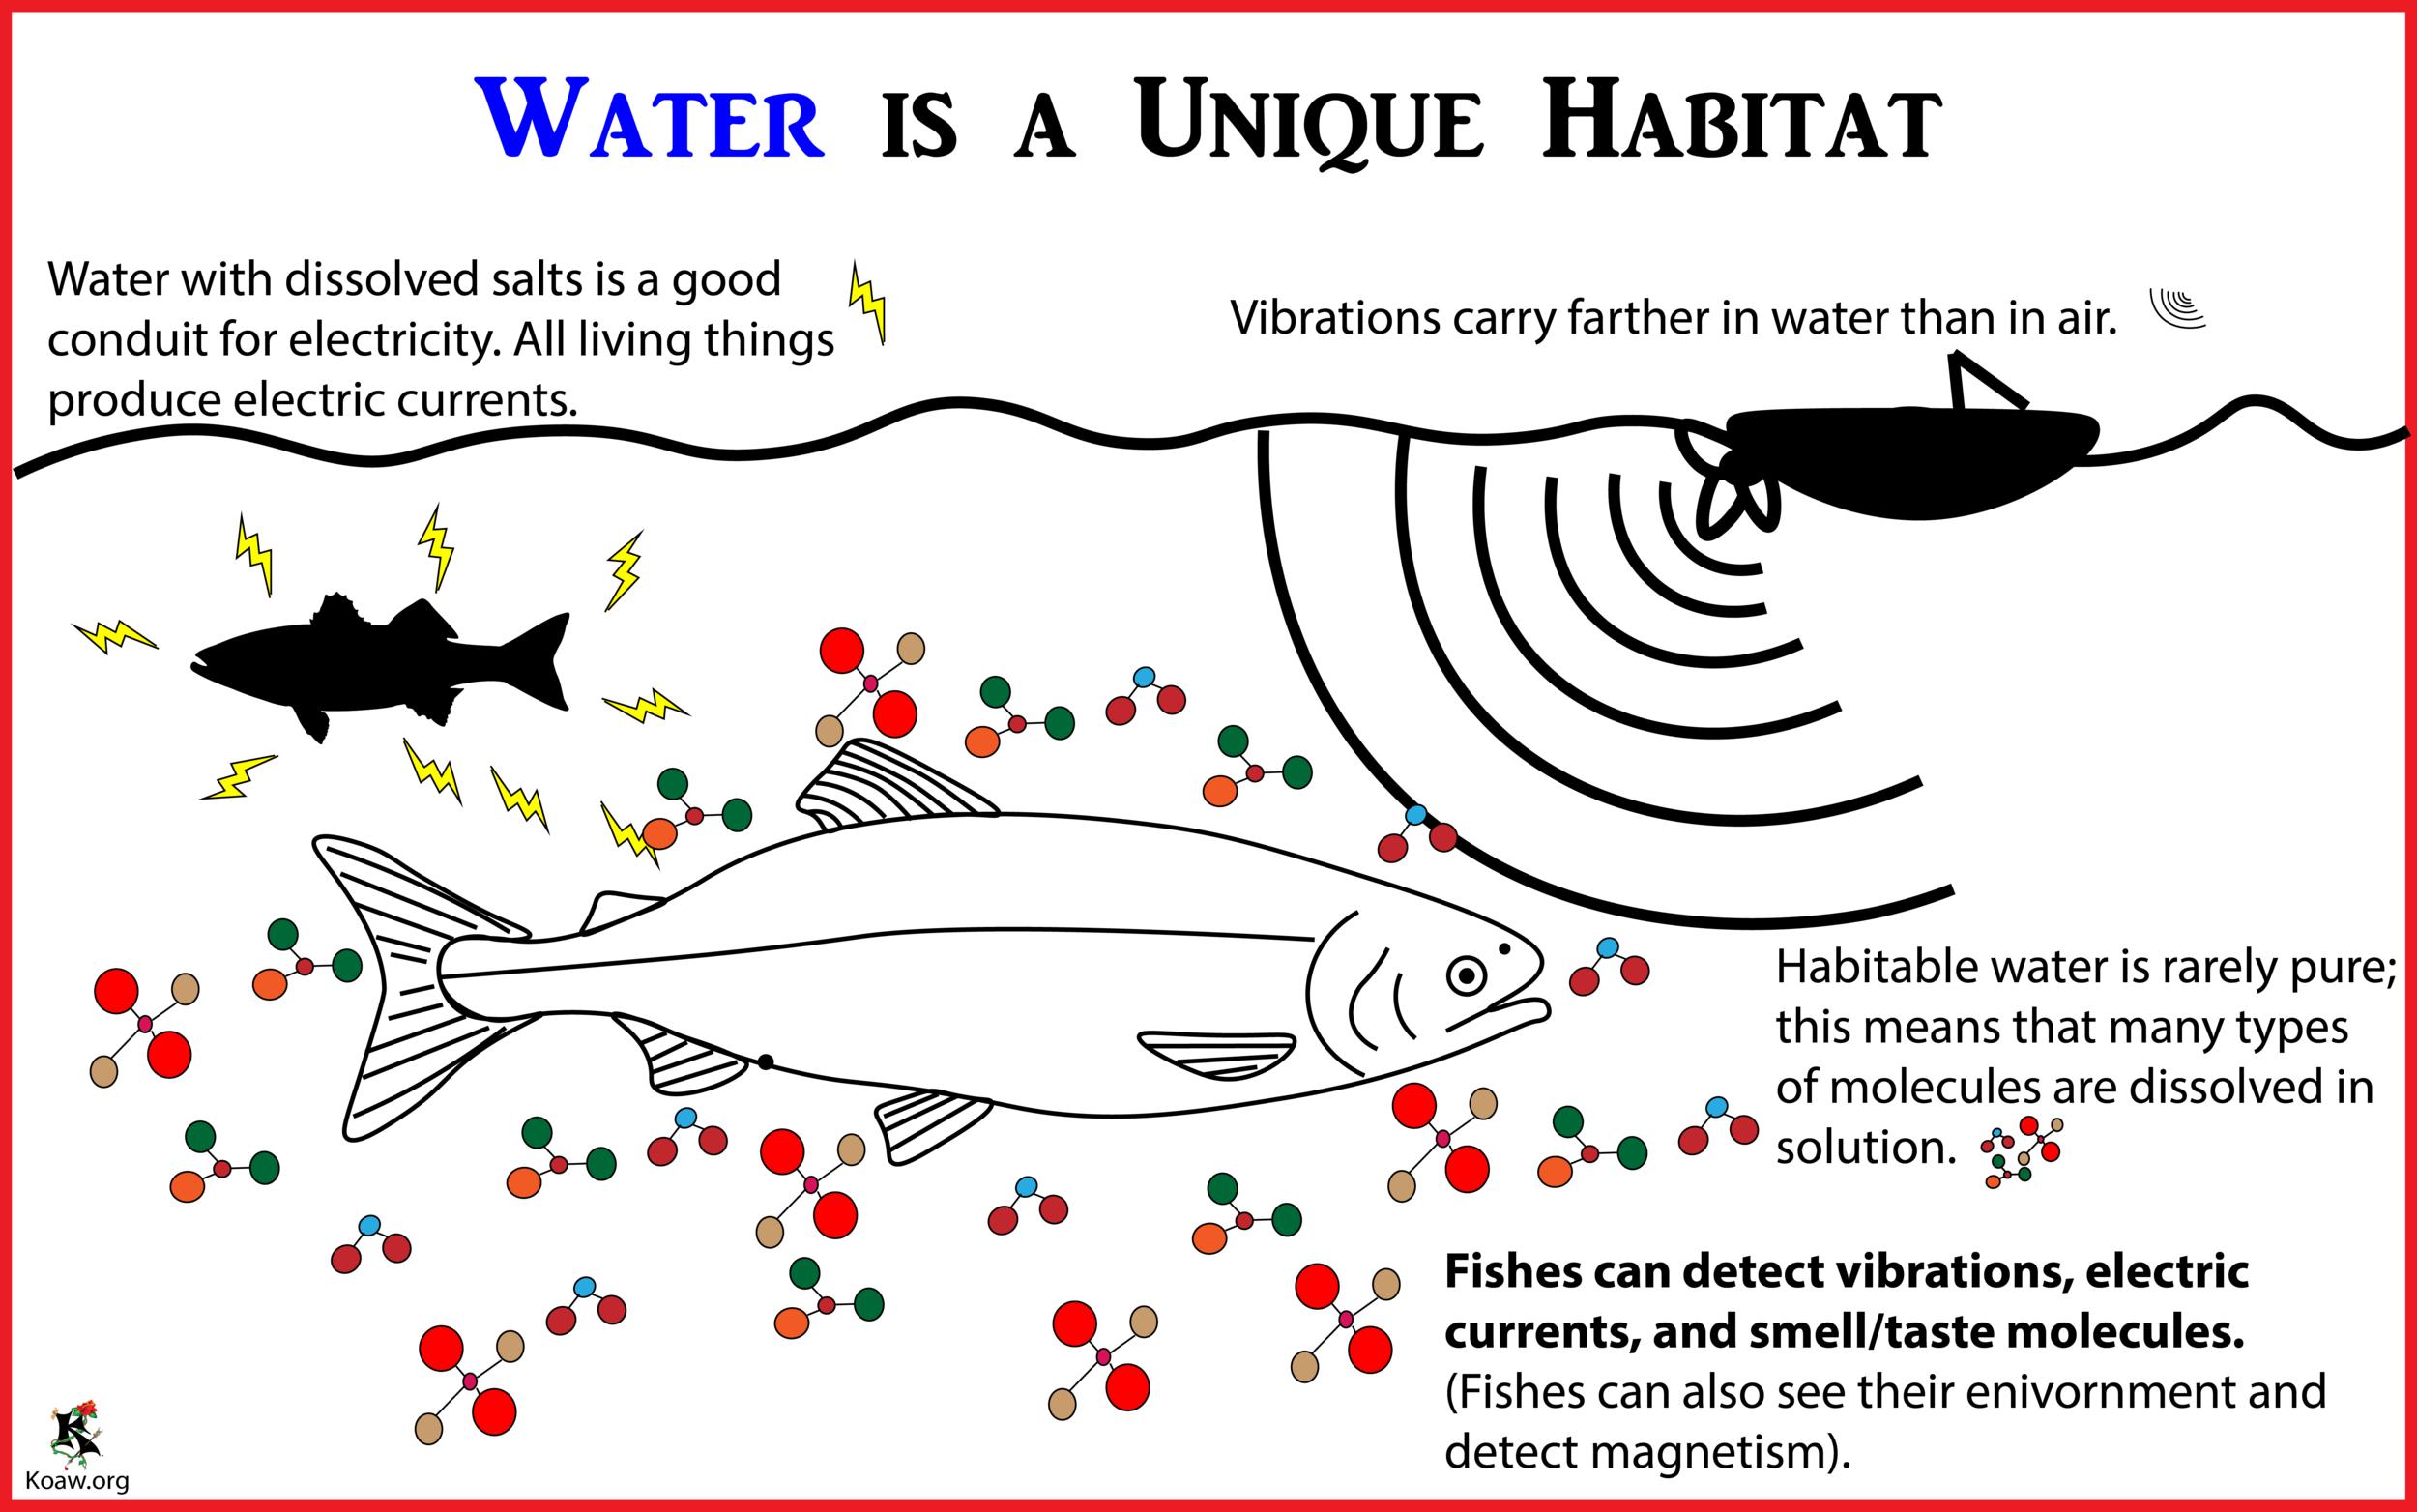 Water is a Unique Habitat